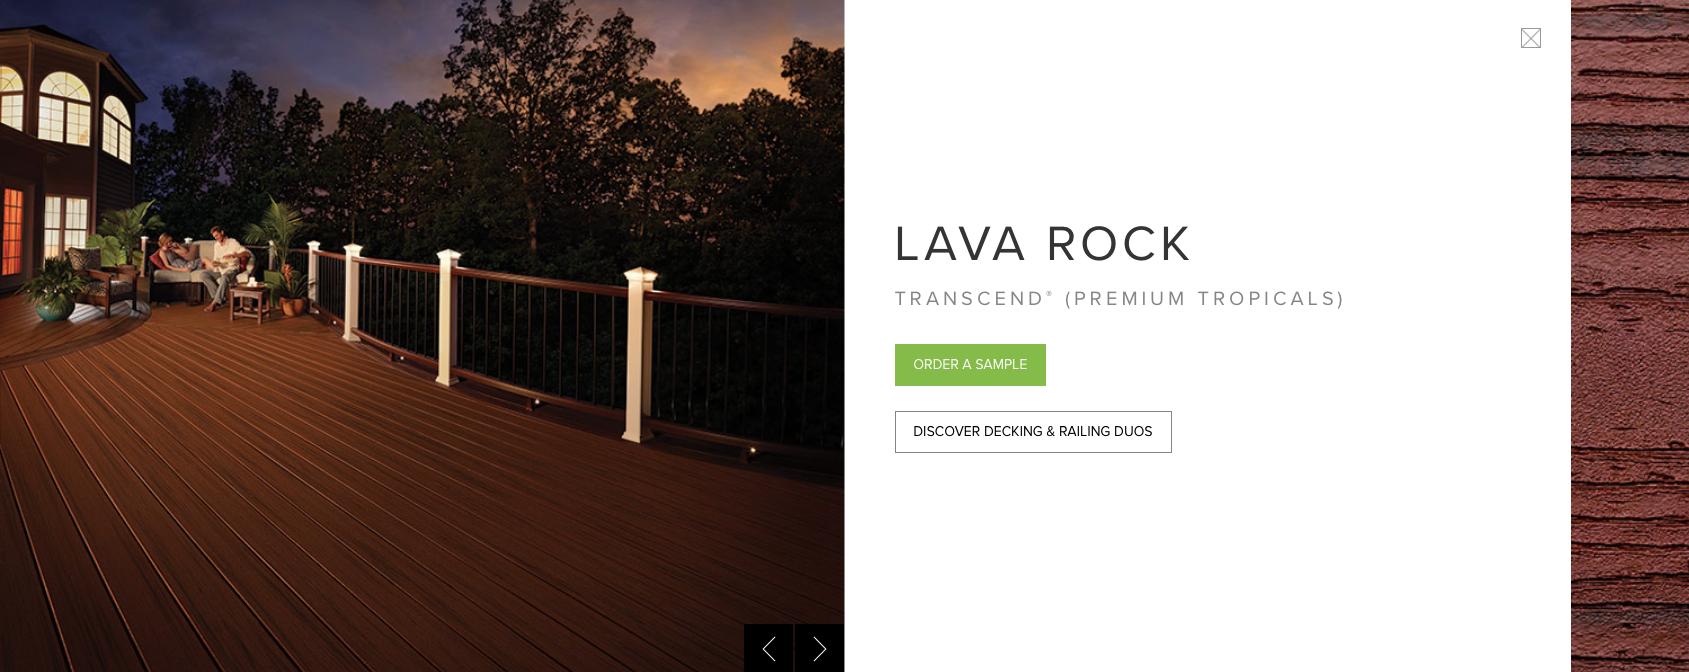 Trex Transcend (Premium Tropicals) Lava Rock